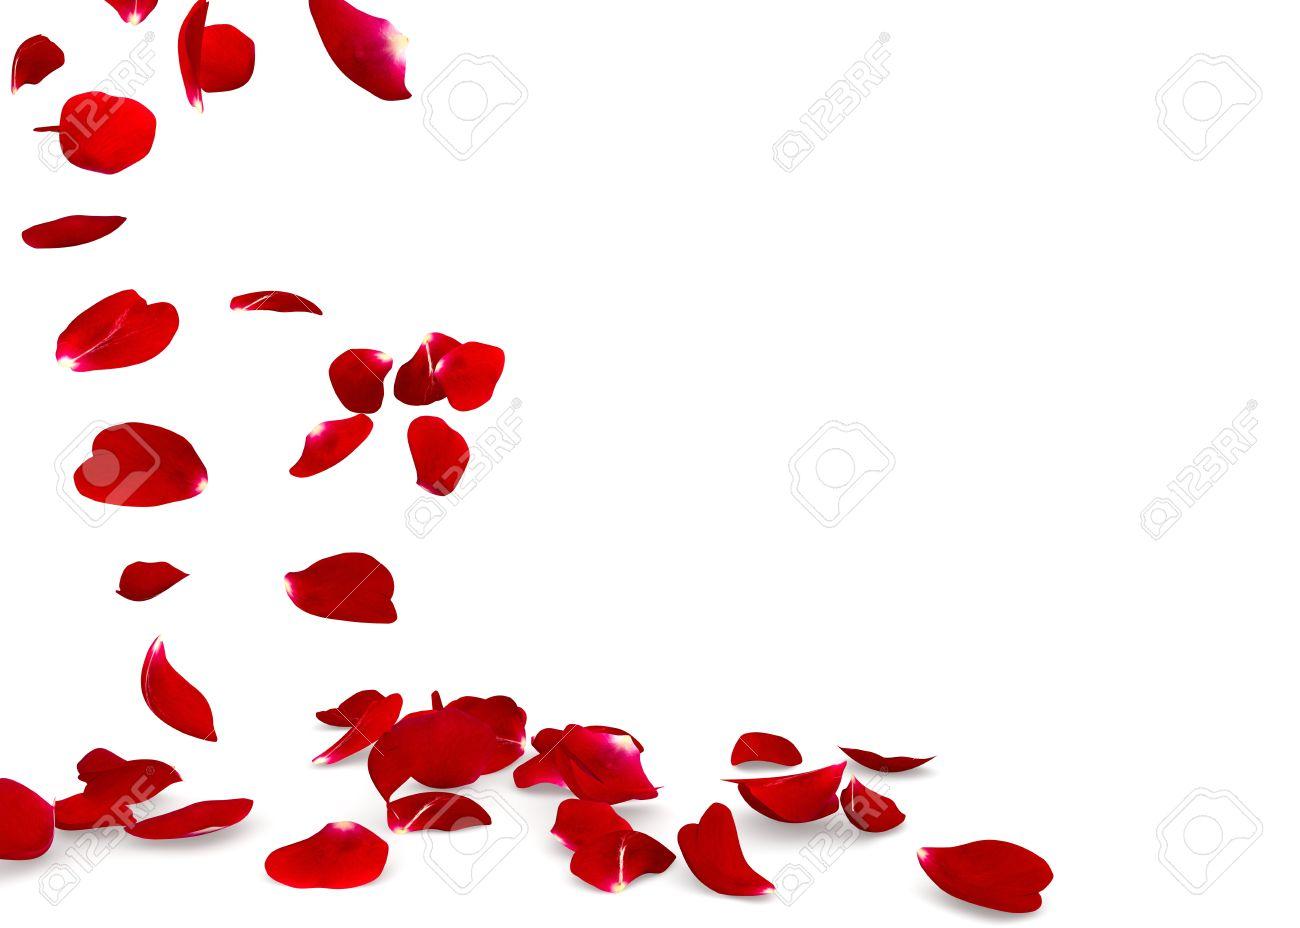 rose petals fall to